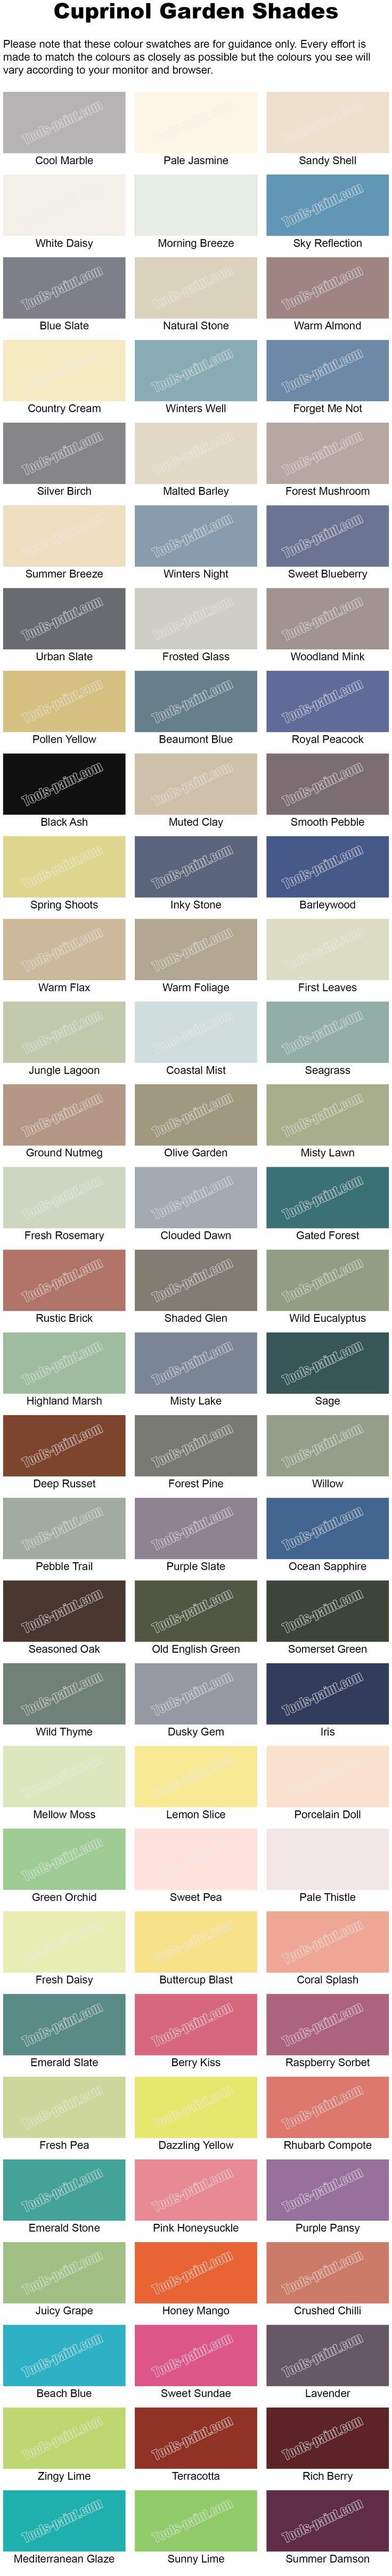 Leyland paints colour chart - Paint Colour Charts